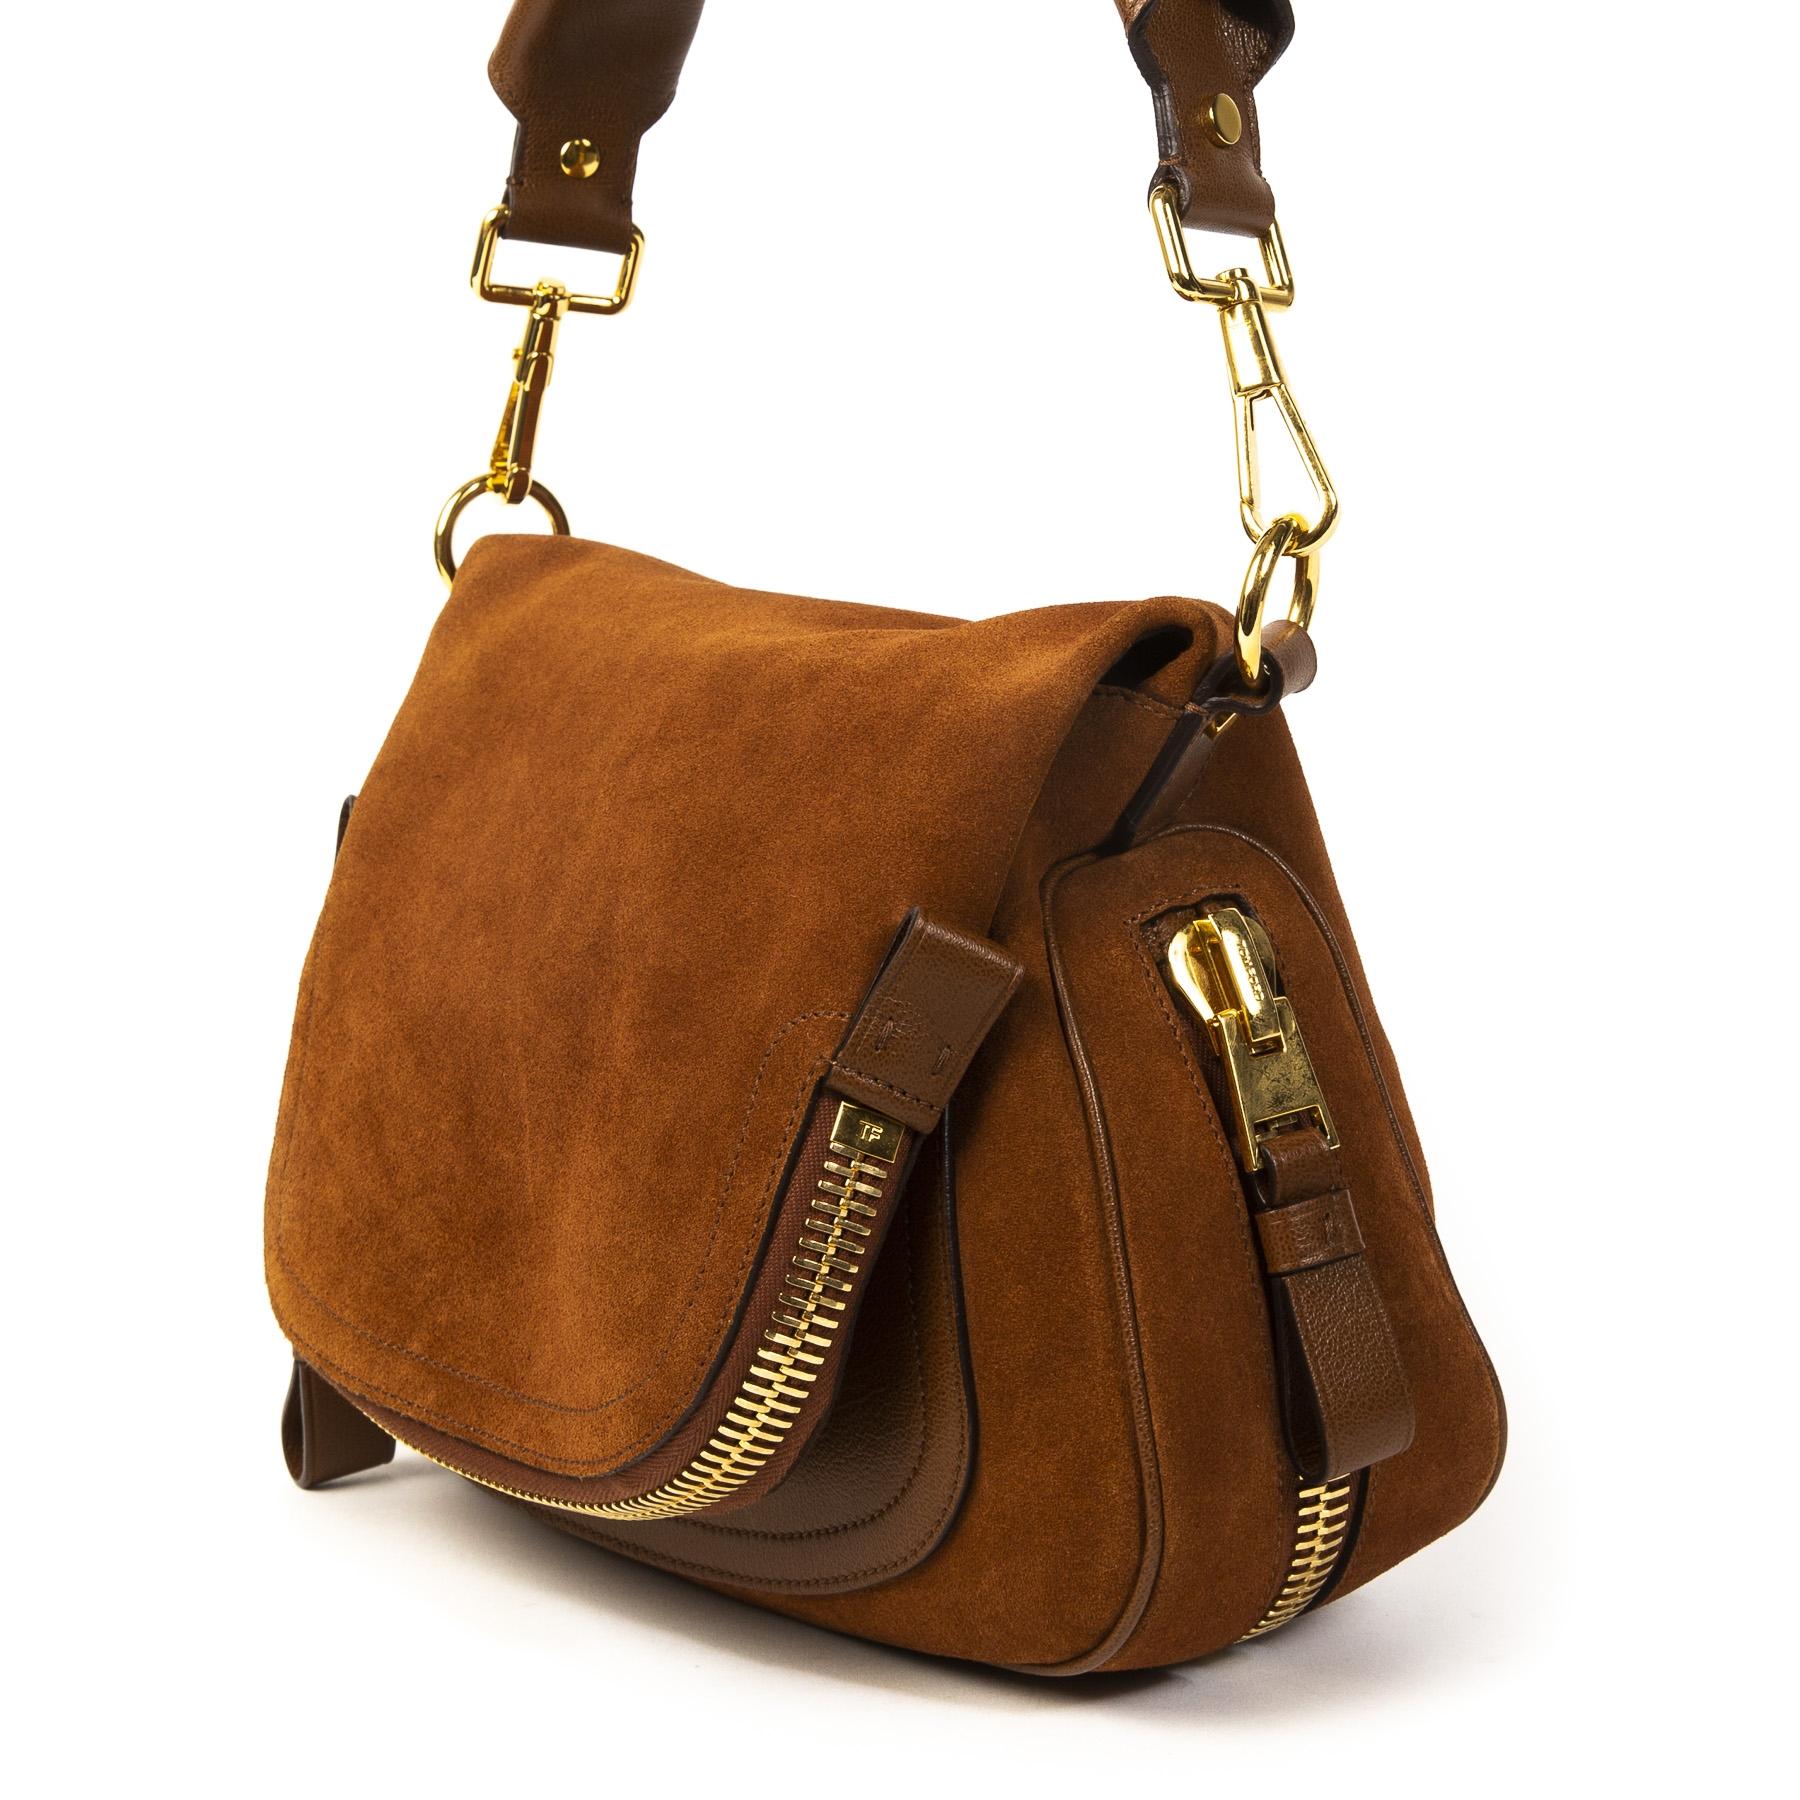 Authentieke Tweedehands Tom Ford Brown Suede Jennifer Shoulder Bag juiste prijs veilig online shoppen luxe merken webshop winkelen Antwerpen België mode fashion